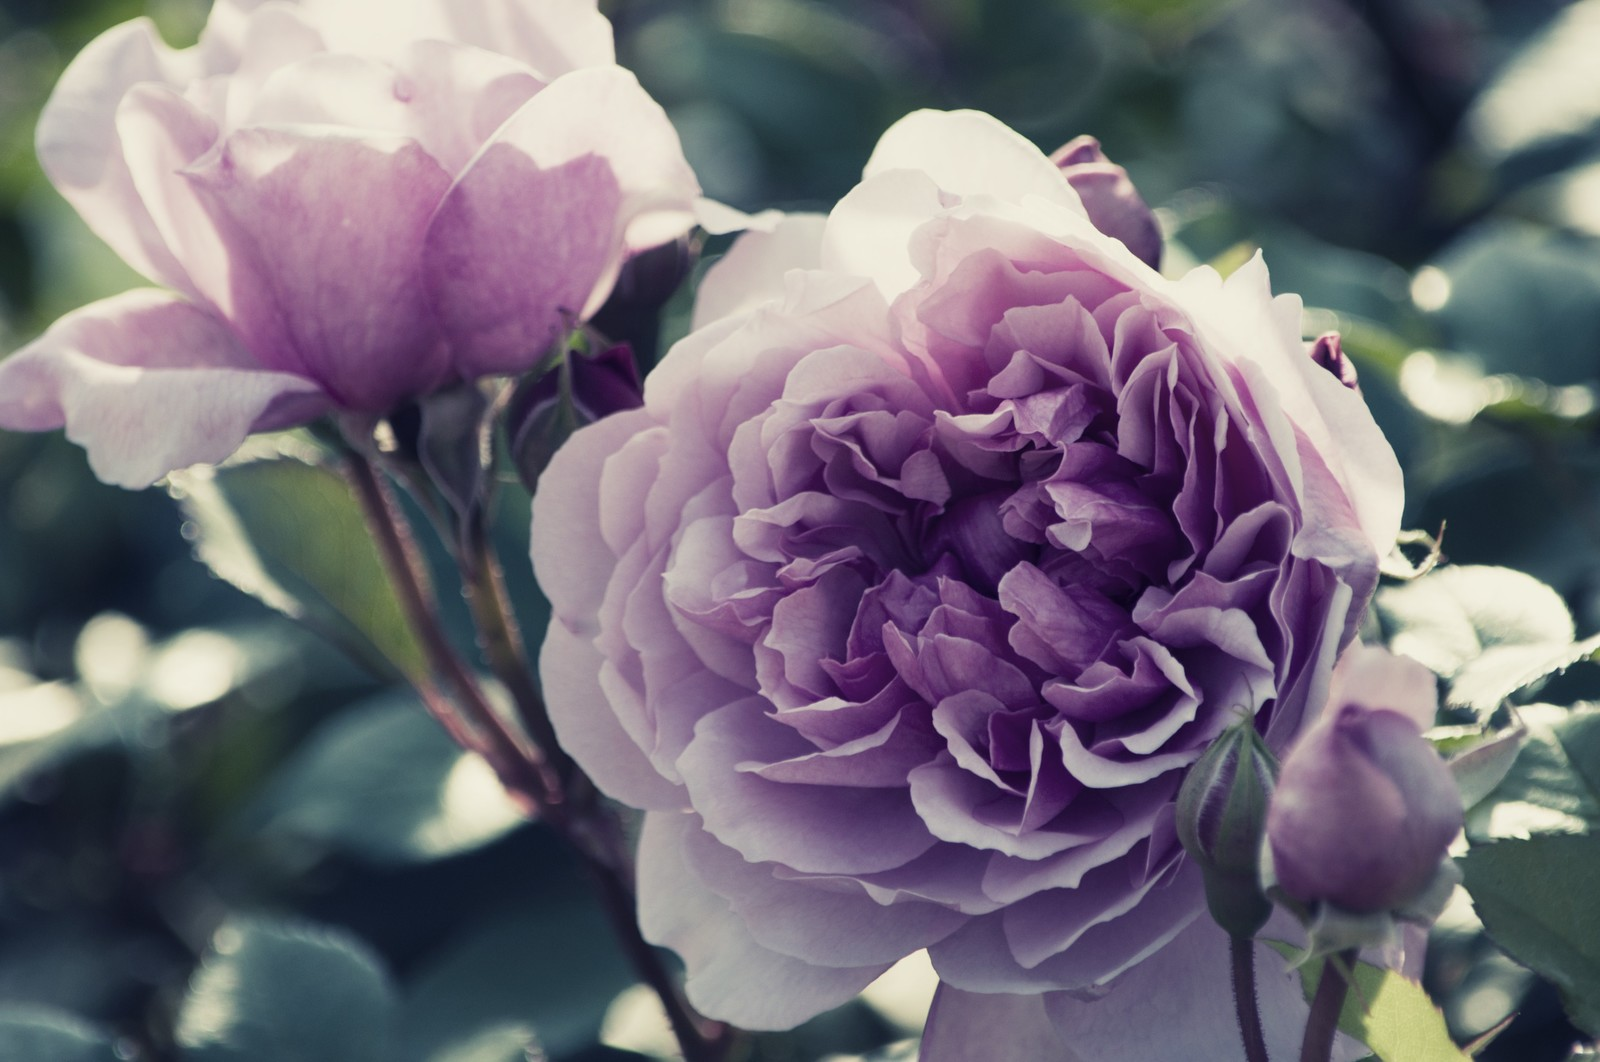 「しめやかな風に香る薔薇」の写真